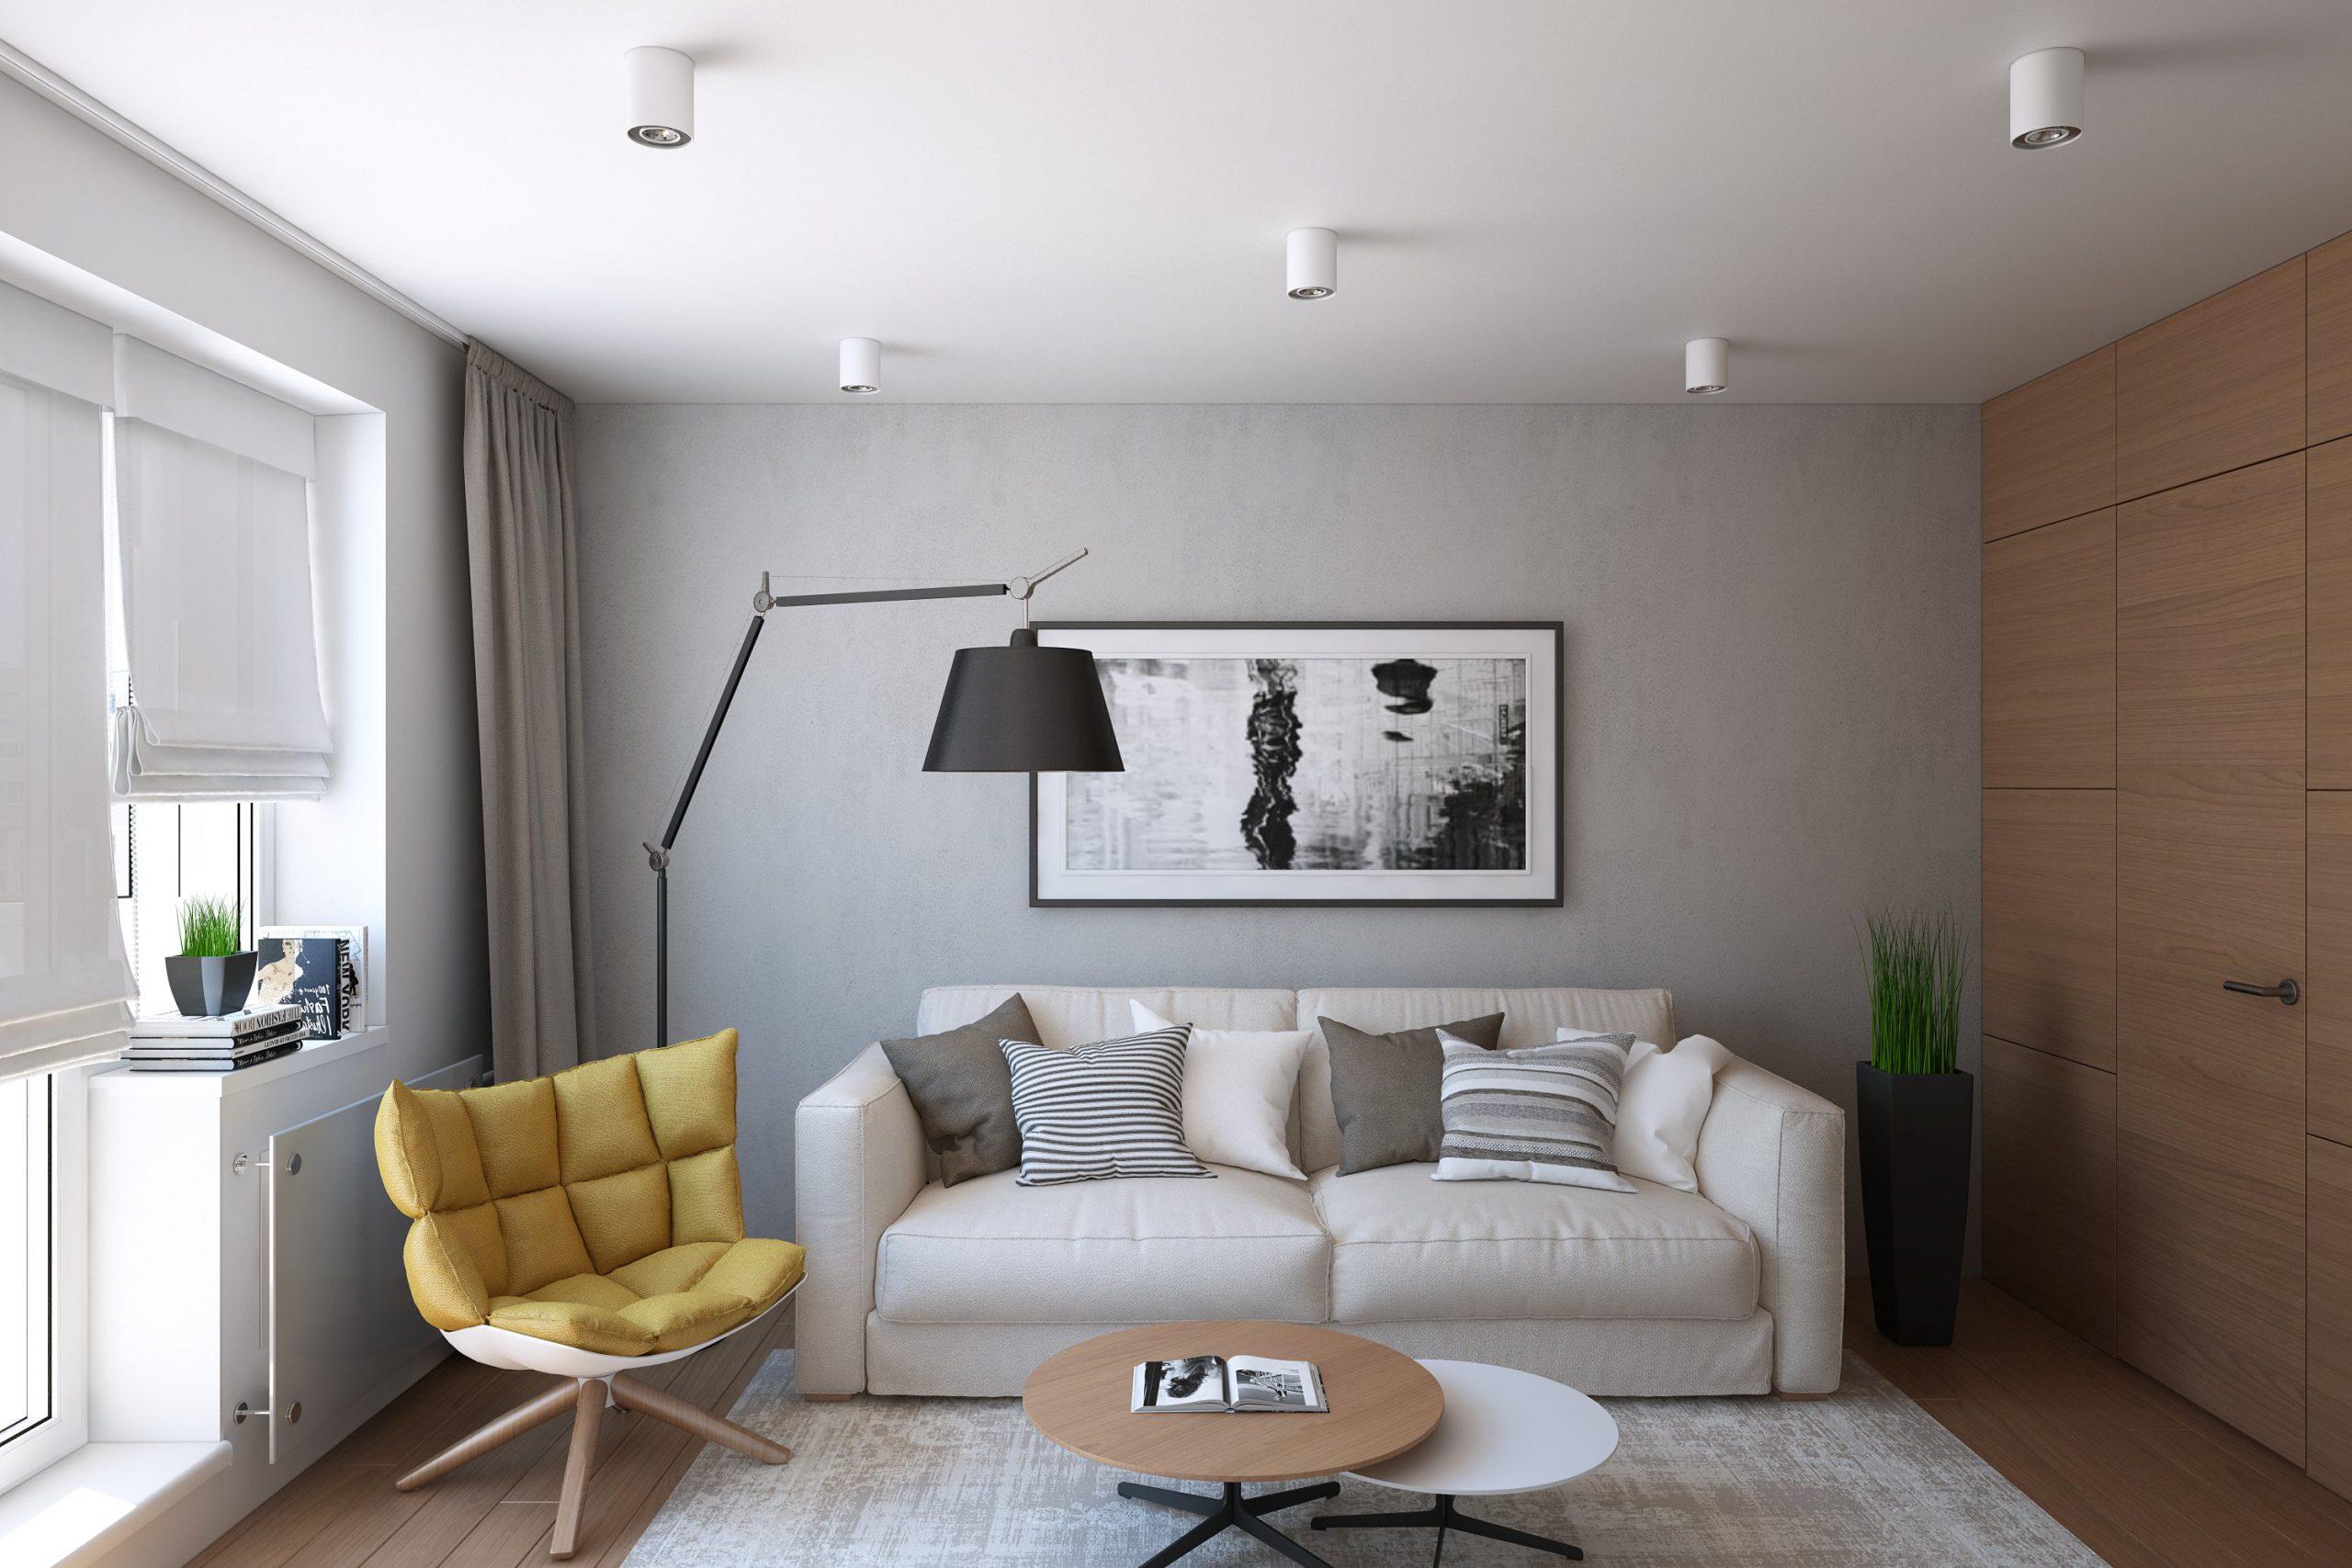 10идей оформления квартиры в эко-стиле